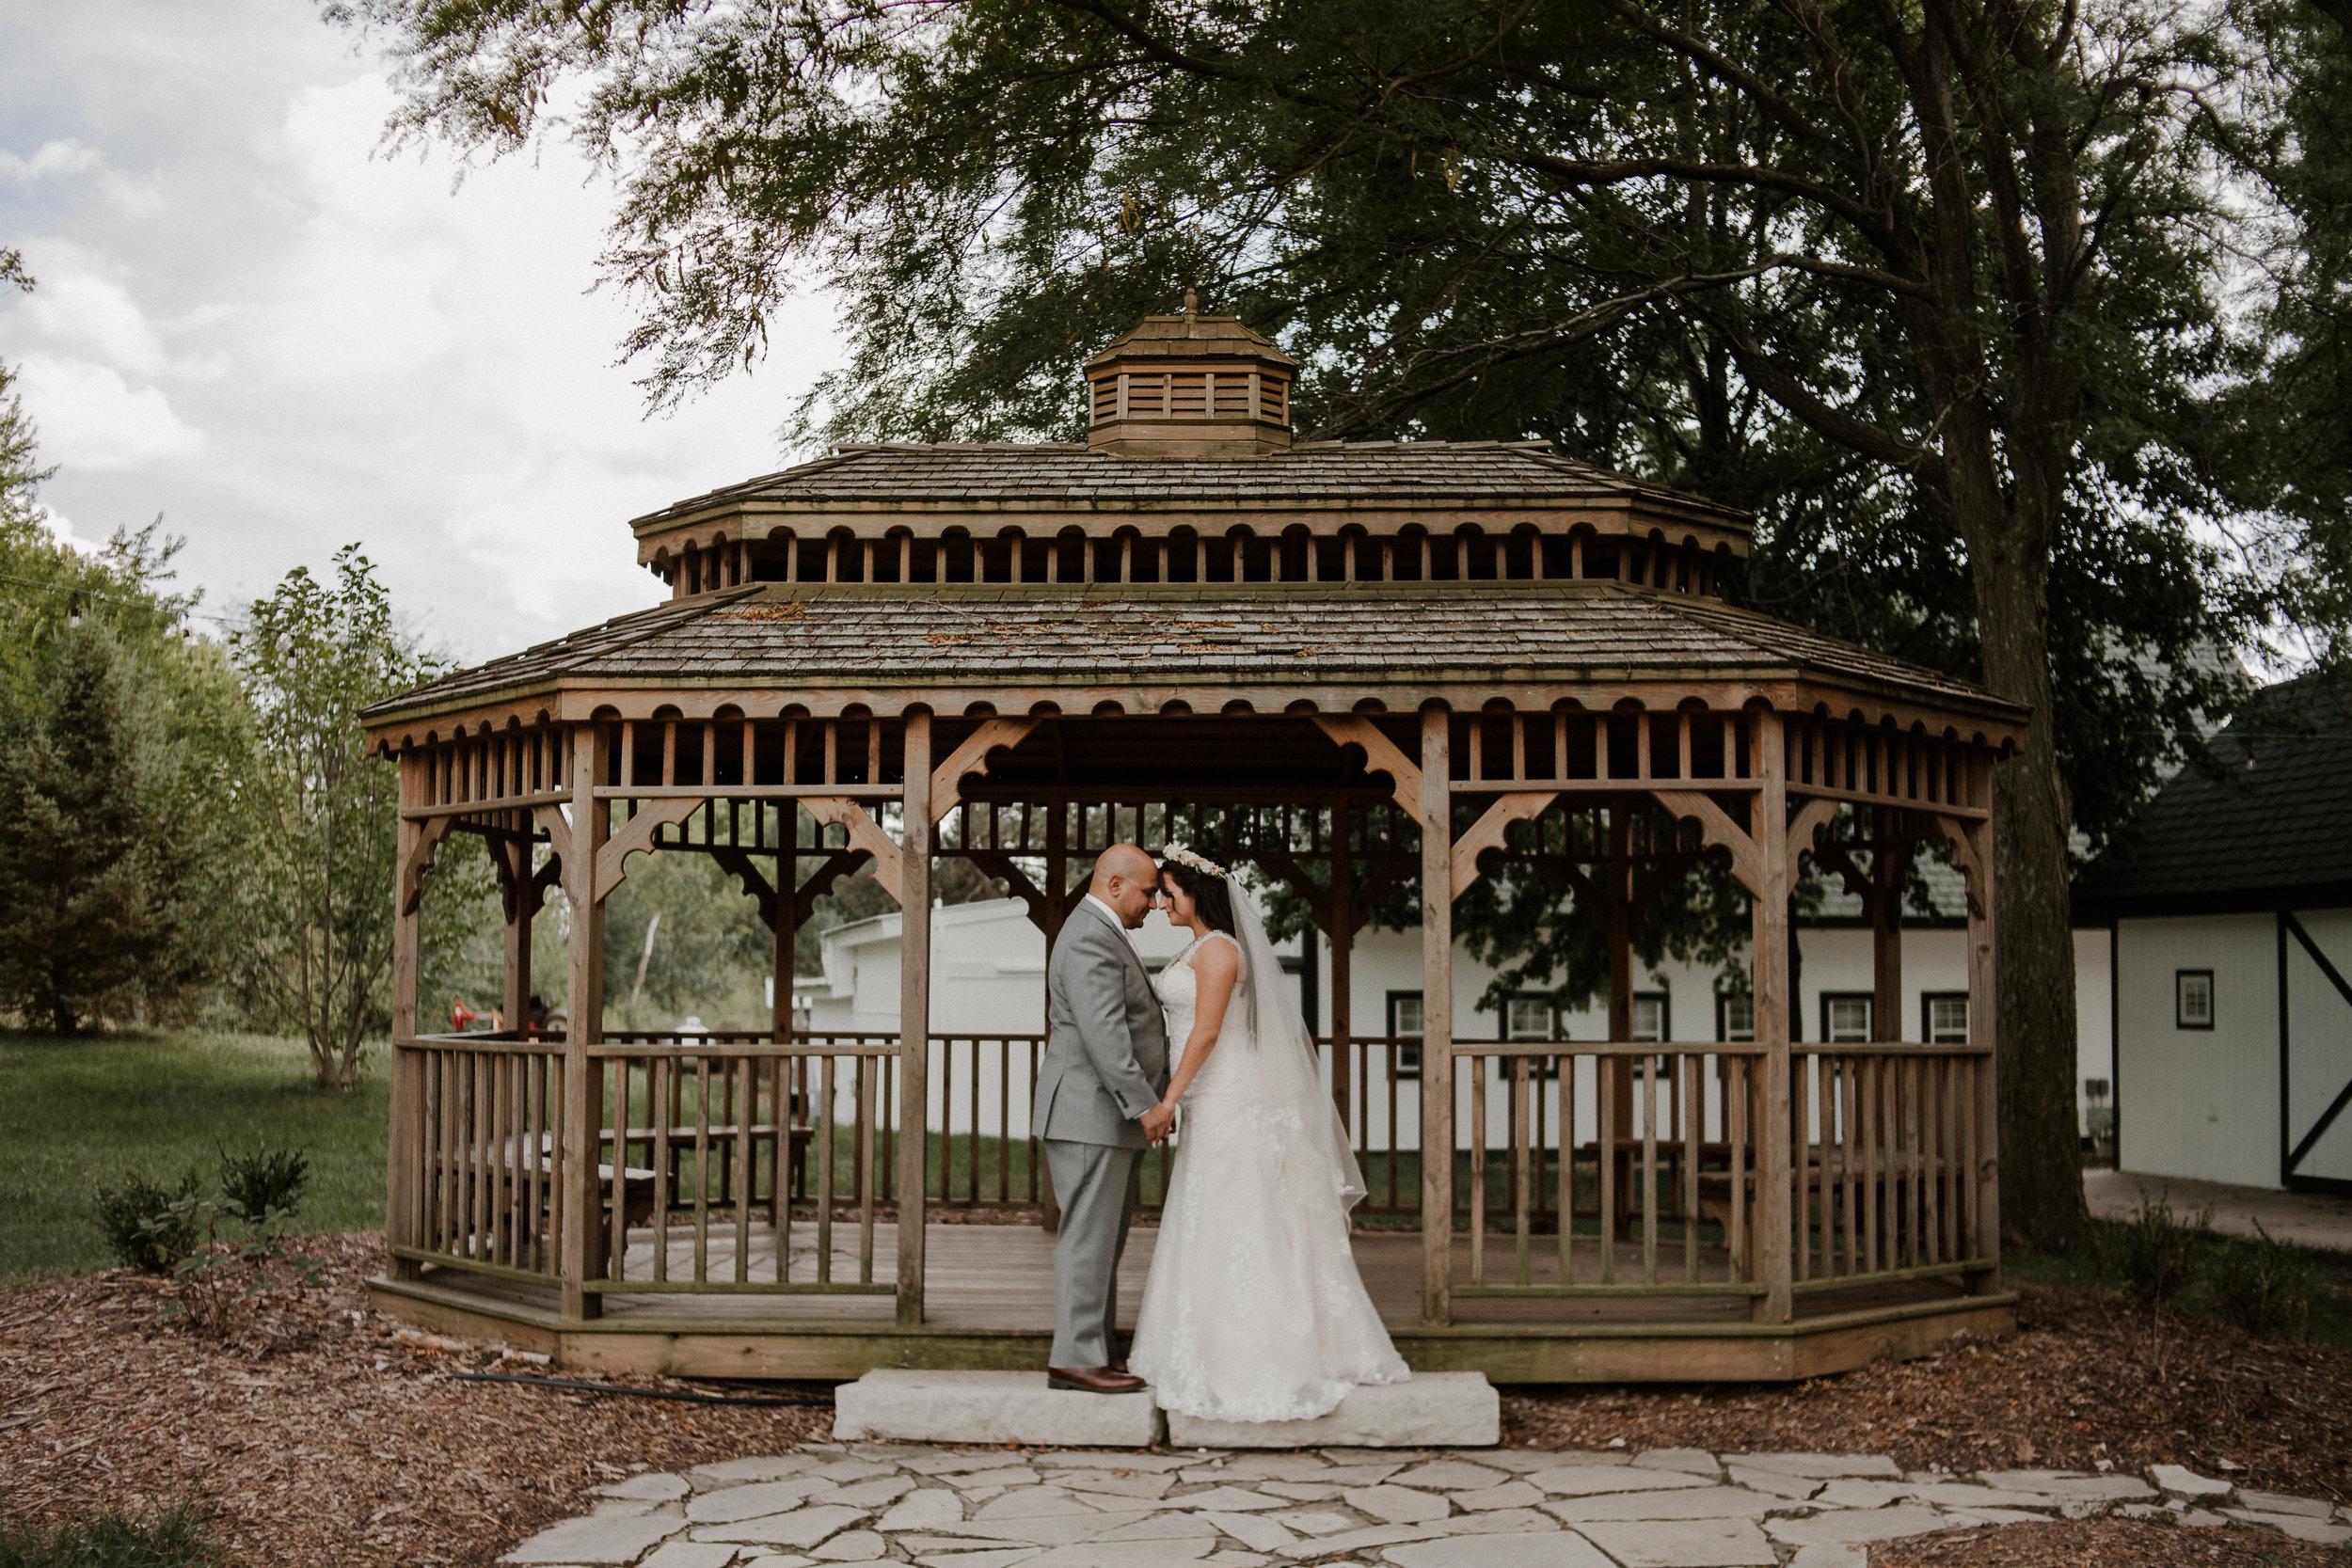 REIN WEDDING